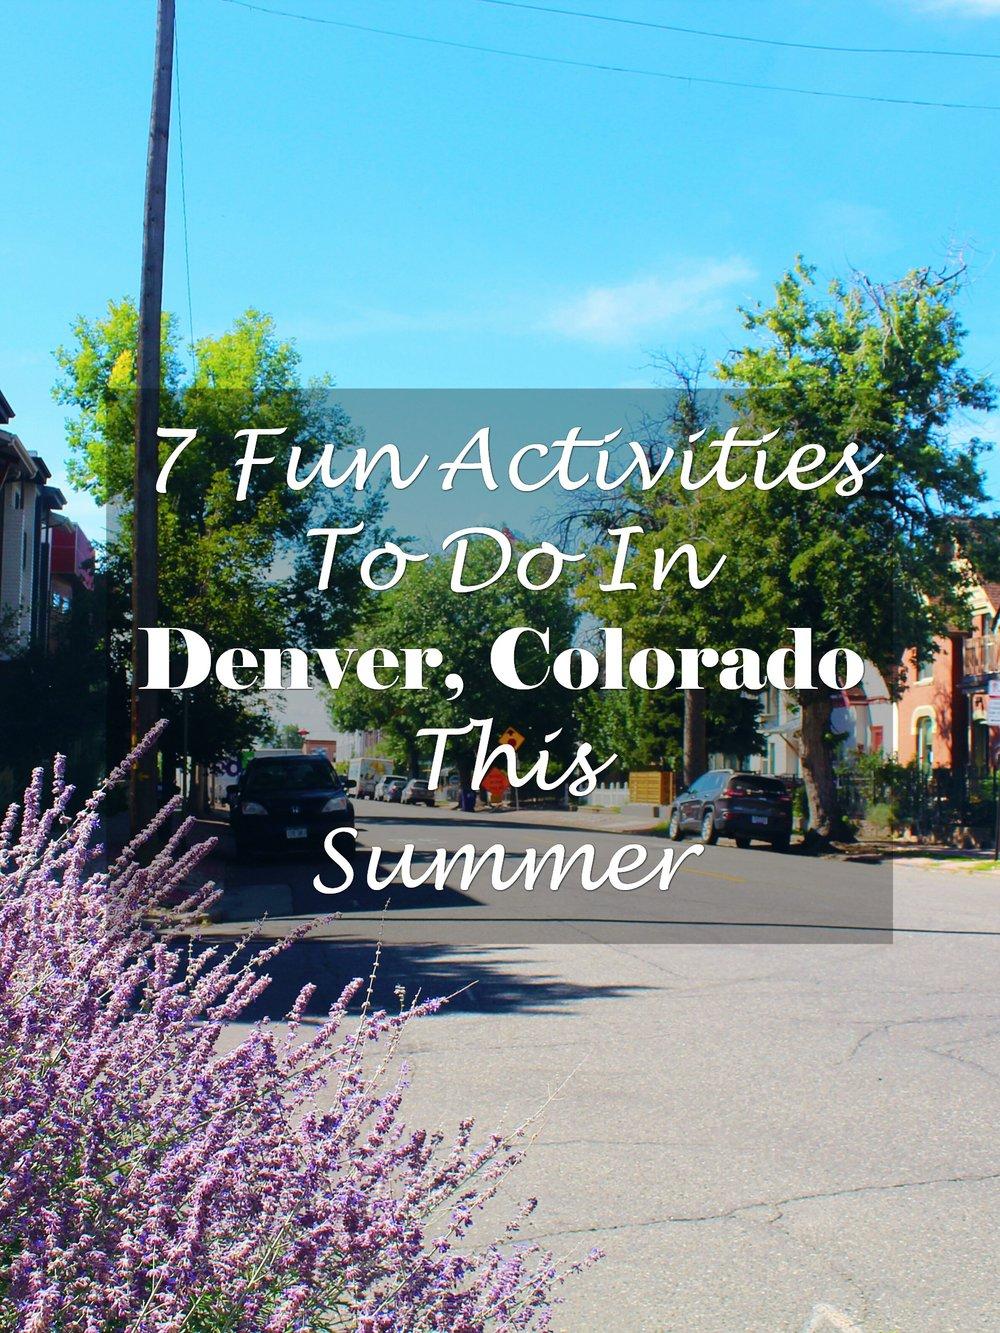 7-fun-activities-to-do-in-denver-colorado-this-summer.jpg